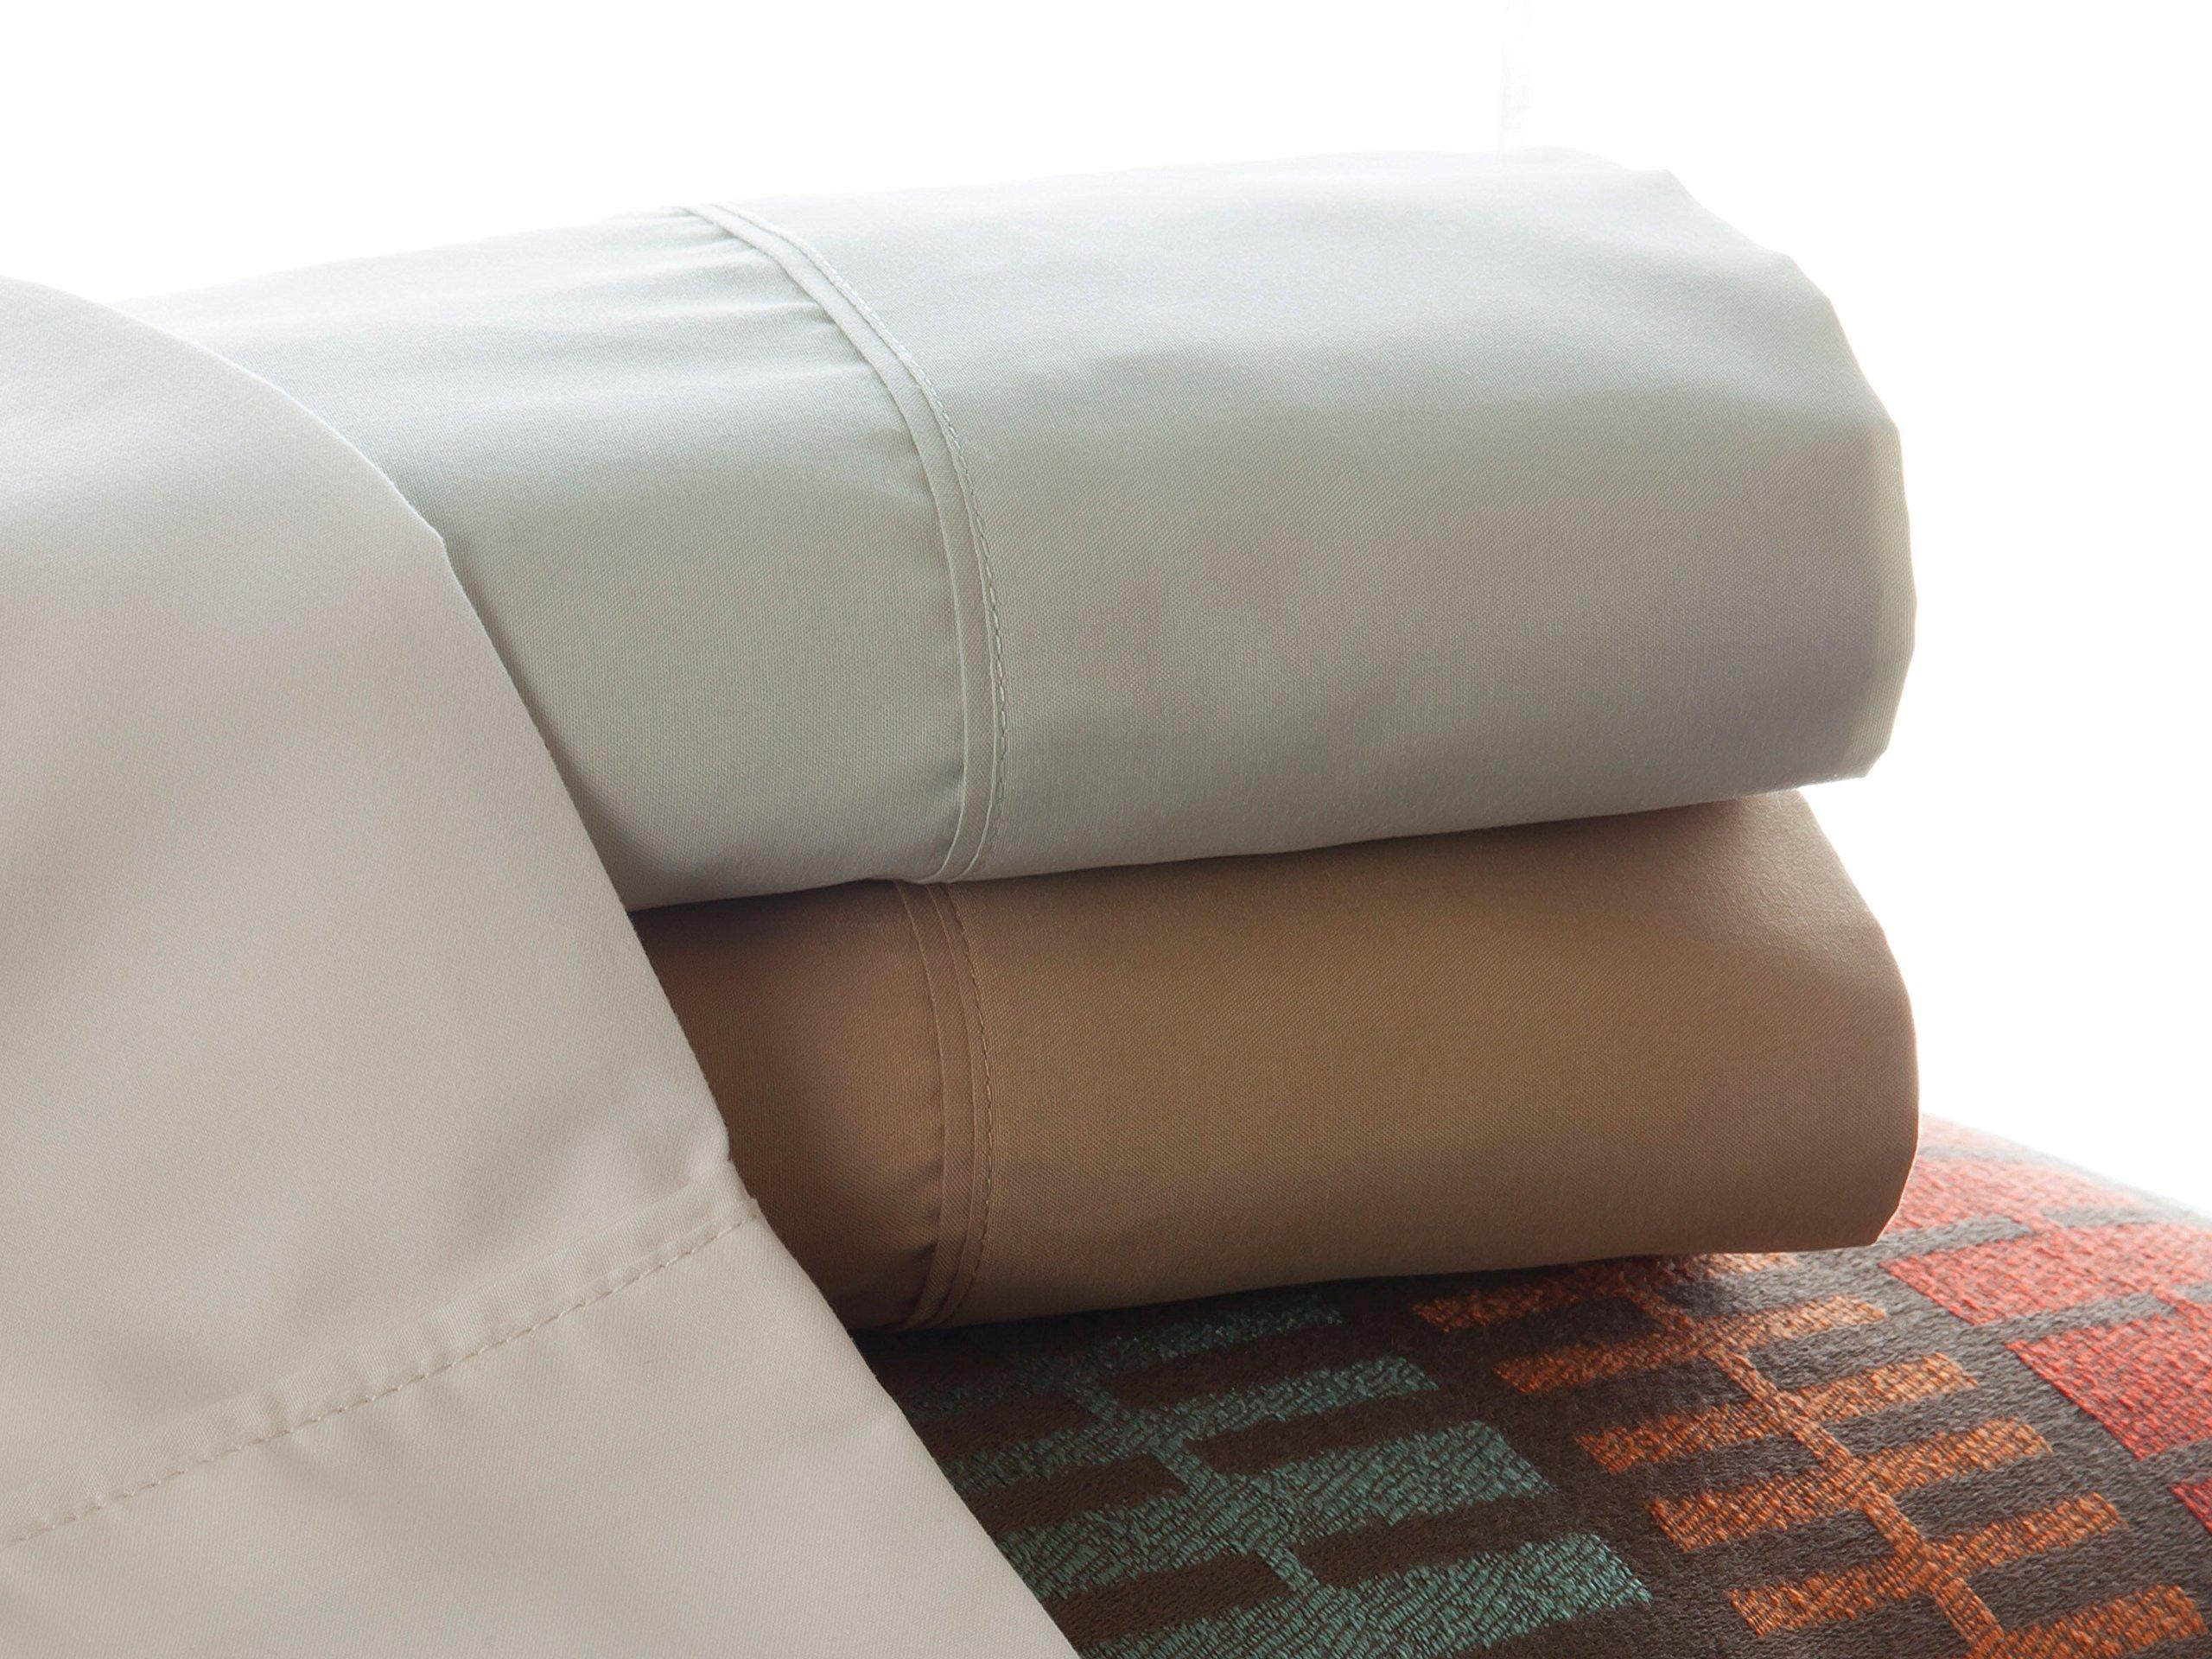 """Denver 343533 RV King Size Adjustable Sheet Set Ivory - Fits mattresses up to 6"""" deep Ultra-soft brushed microfiber Extra-long top sheet - sheet-sets, bedroom-sheets-comforters, bedroom - 91PHpU7xp9L -"""